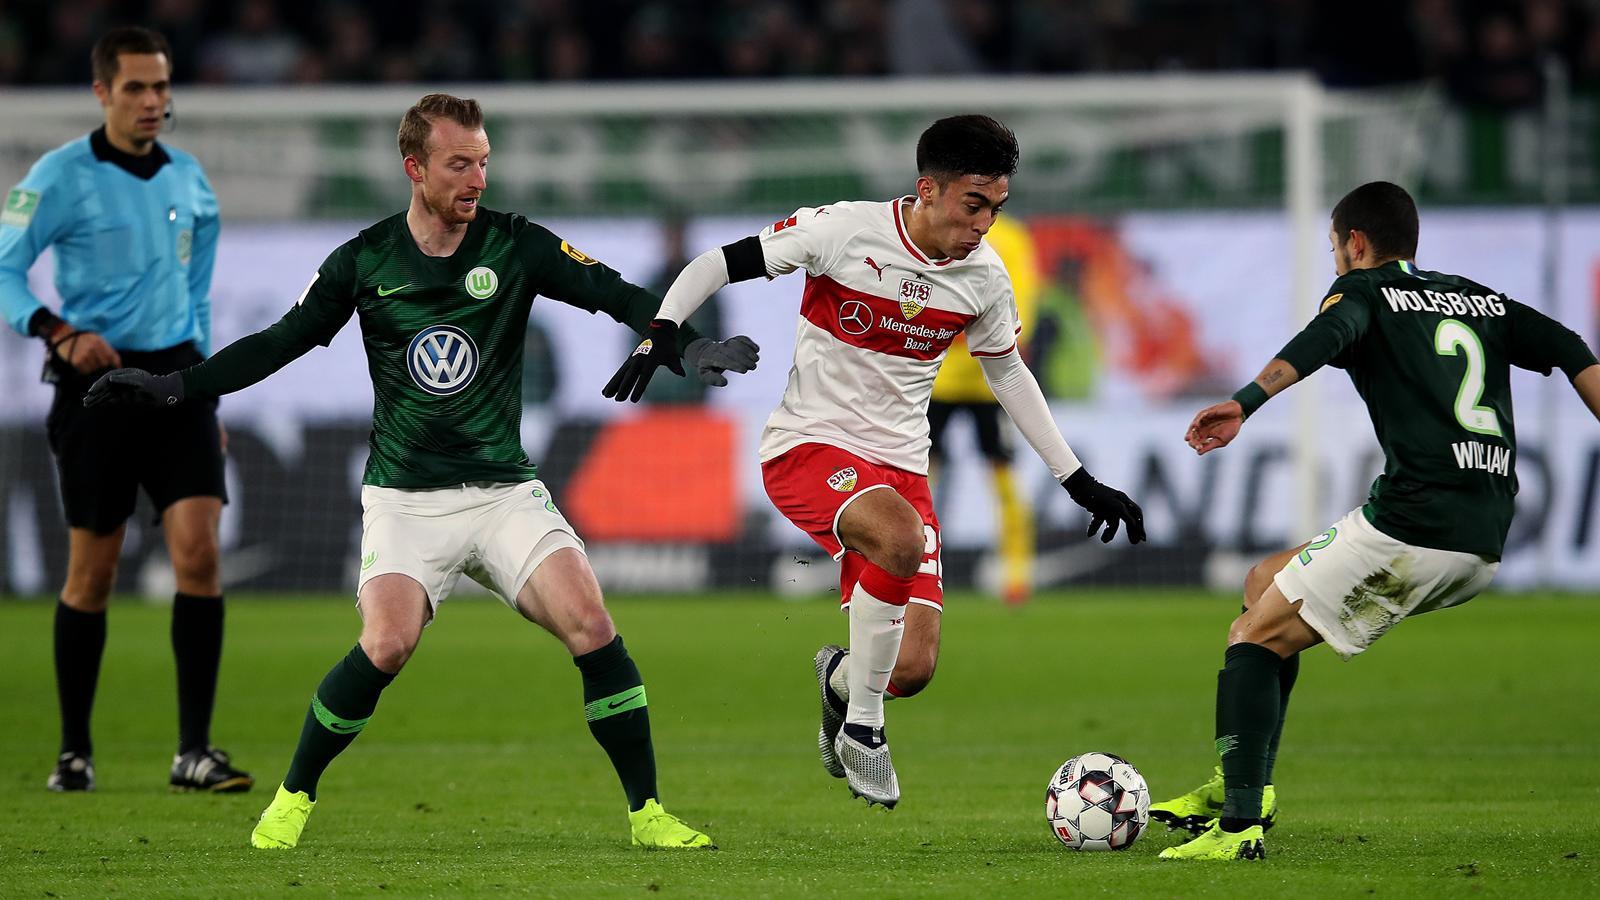 Vfl Wolfsburg Termine